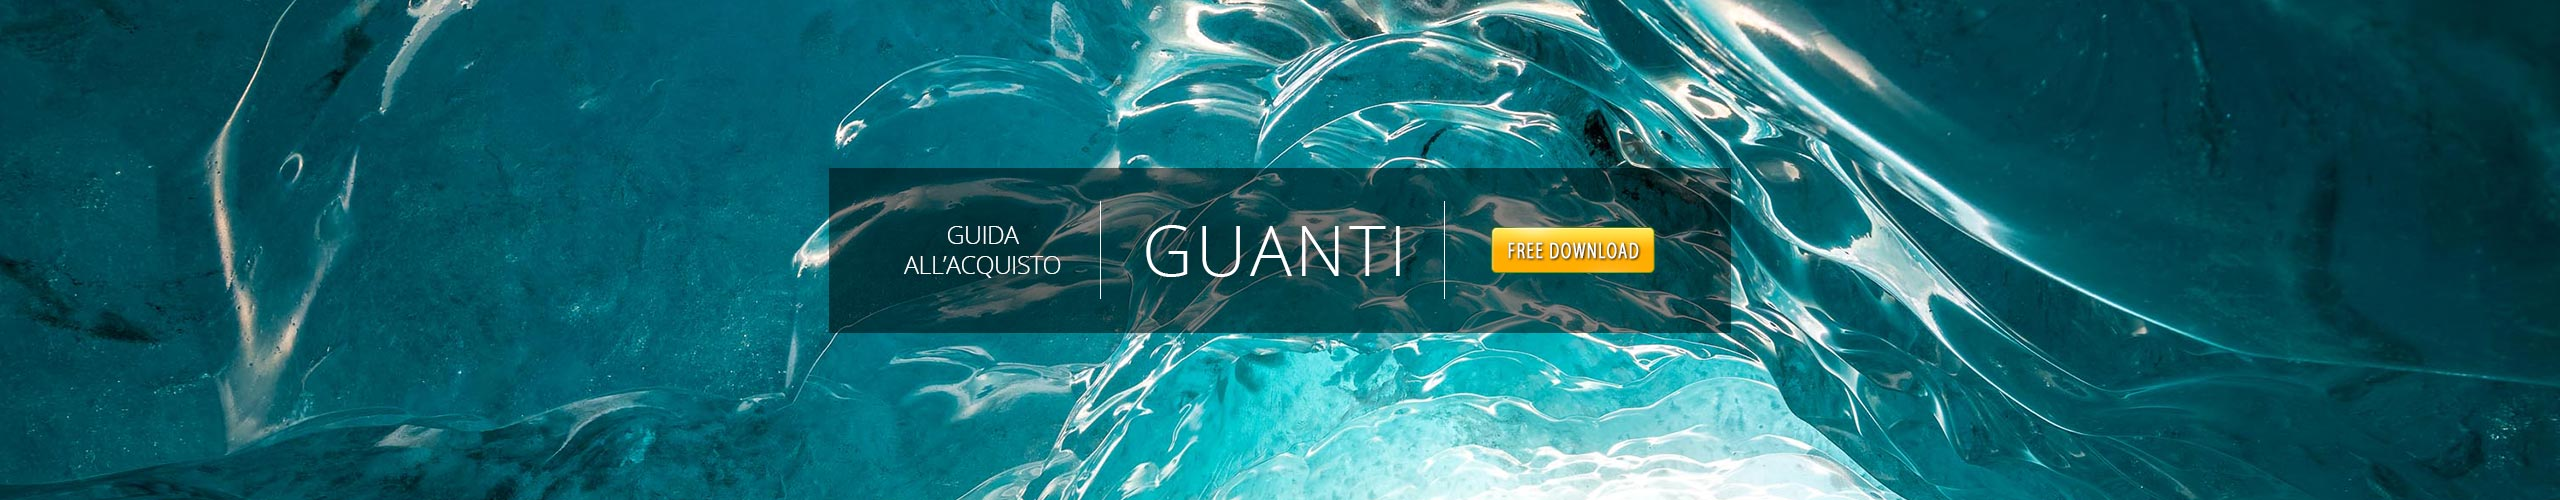 19 12 28 Banner Guida Guanti